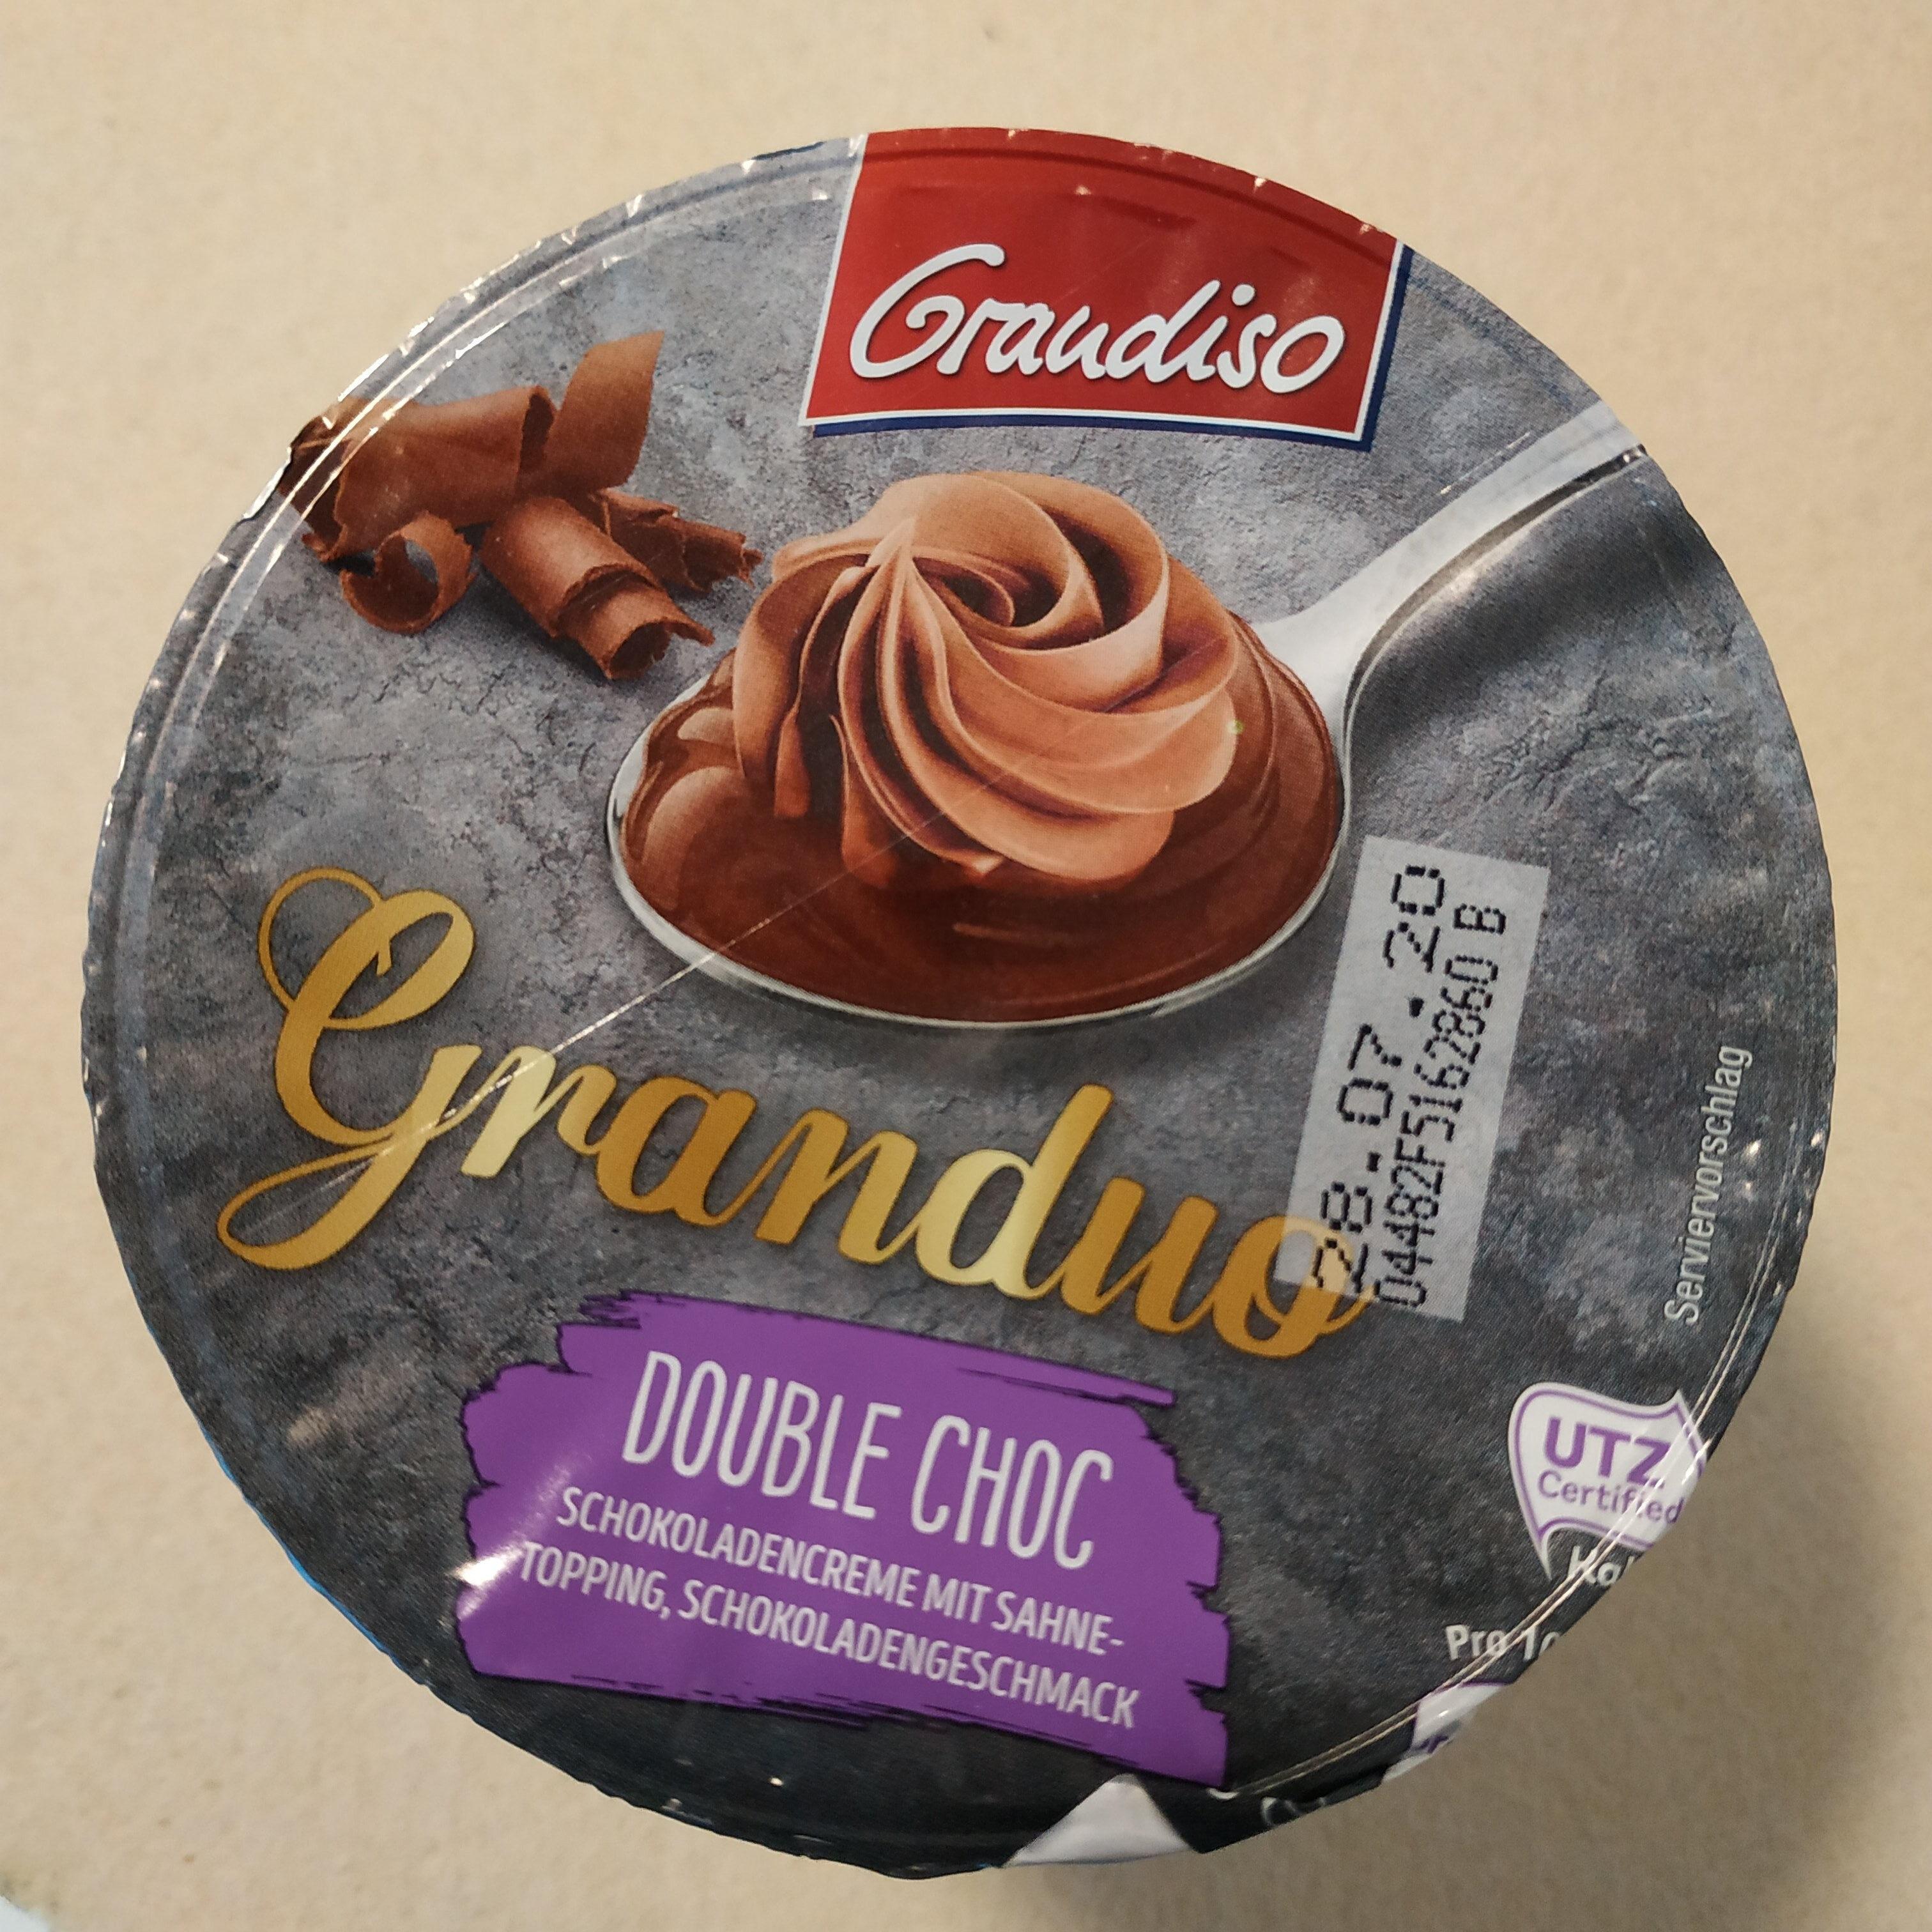 Granduo Double Choc - Product - de